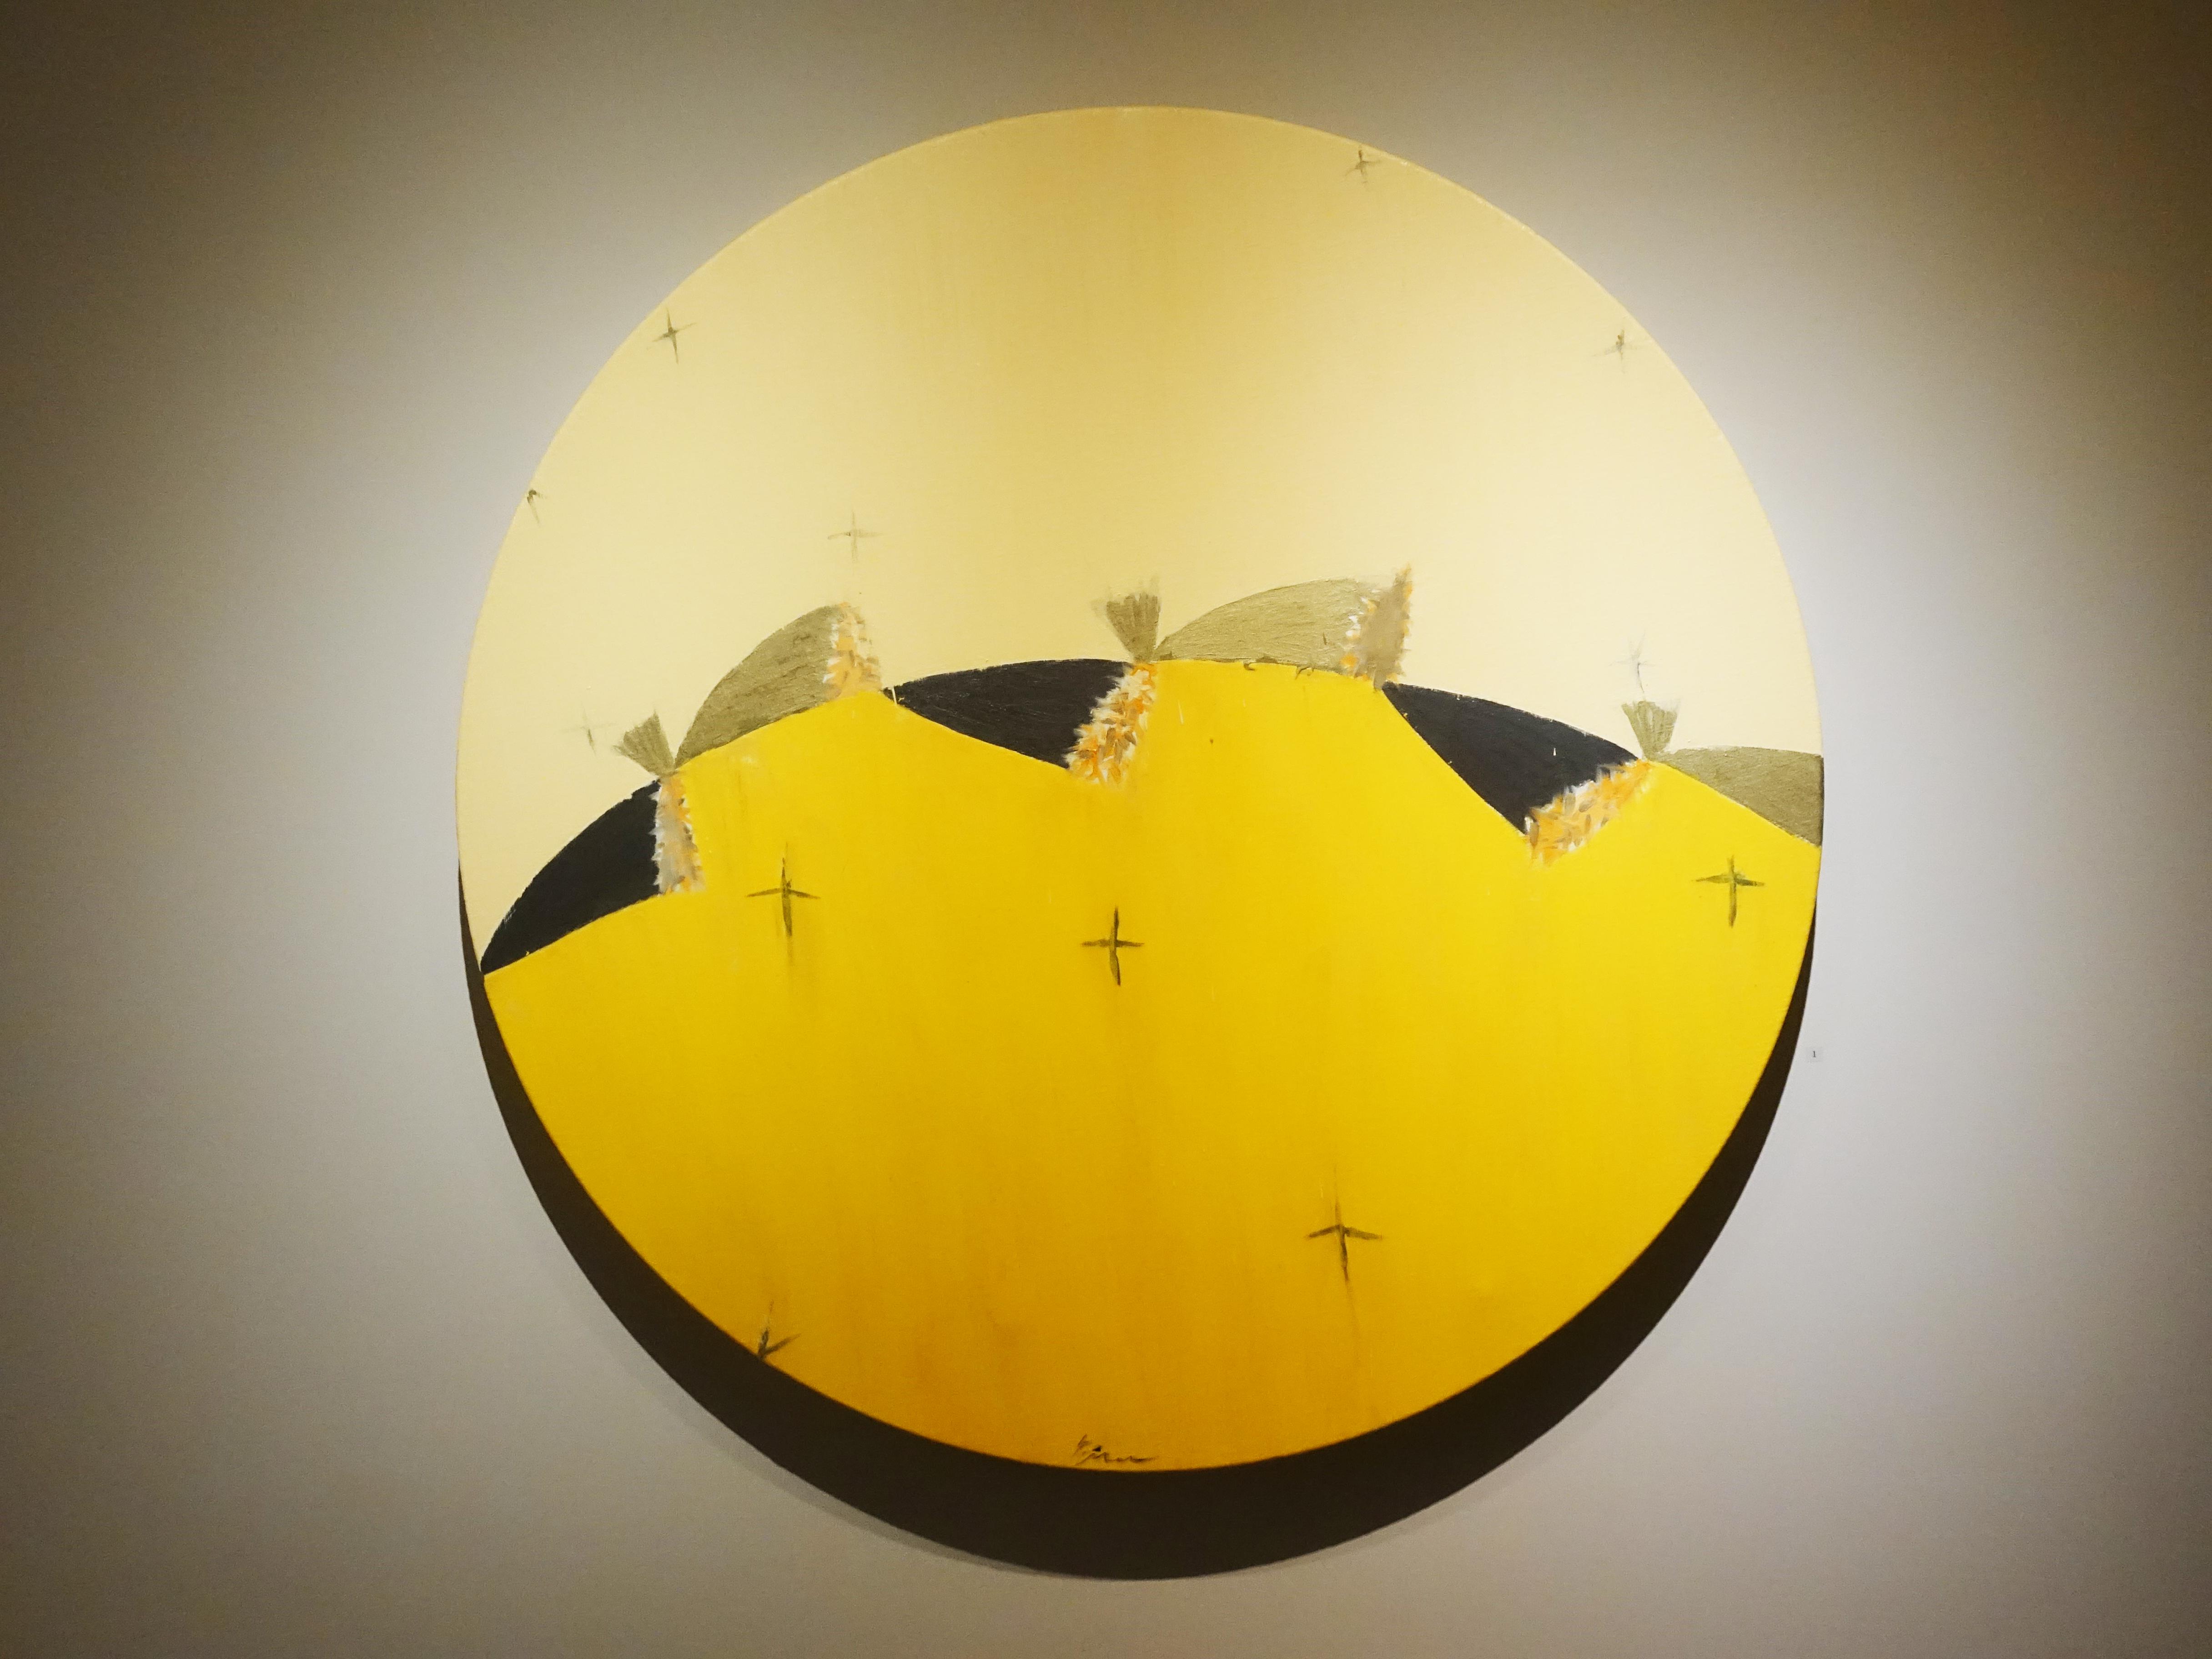 劉永仁,《時空的呼吸-巡田》,直徑100cm,油彩、蜂蠟、畫布,2019。